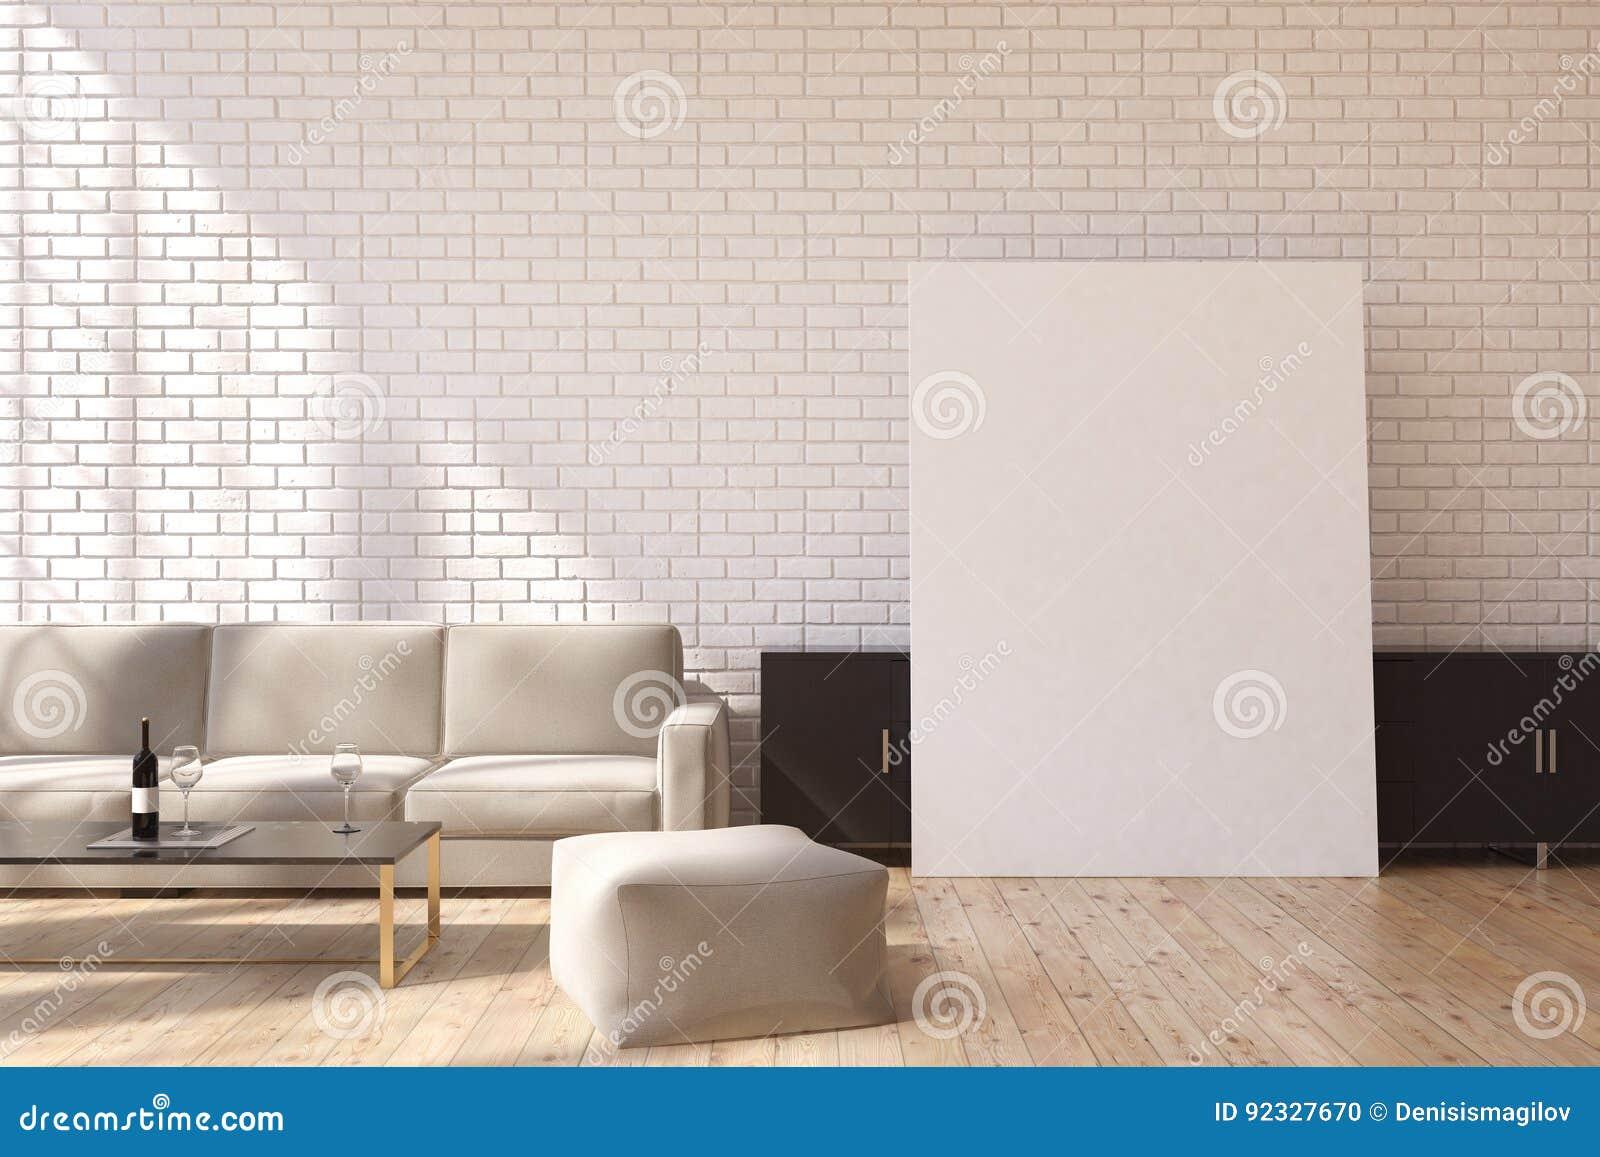 Graues Sofa und Plakat